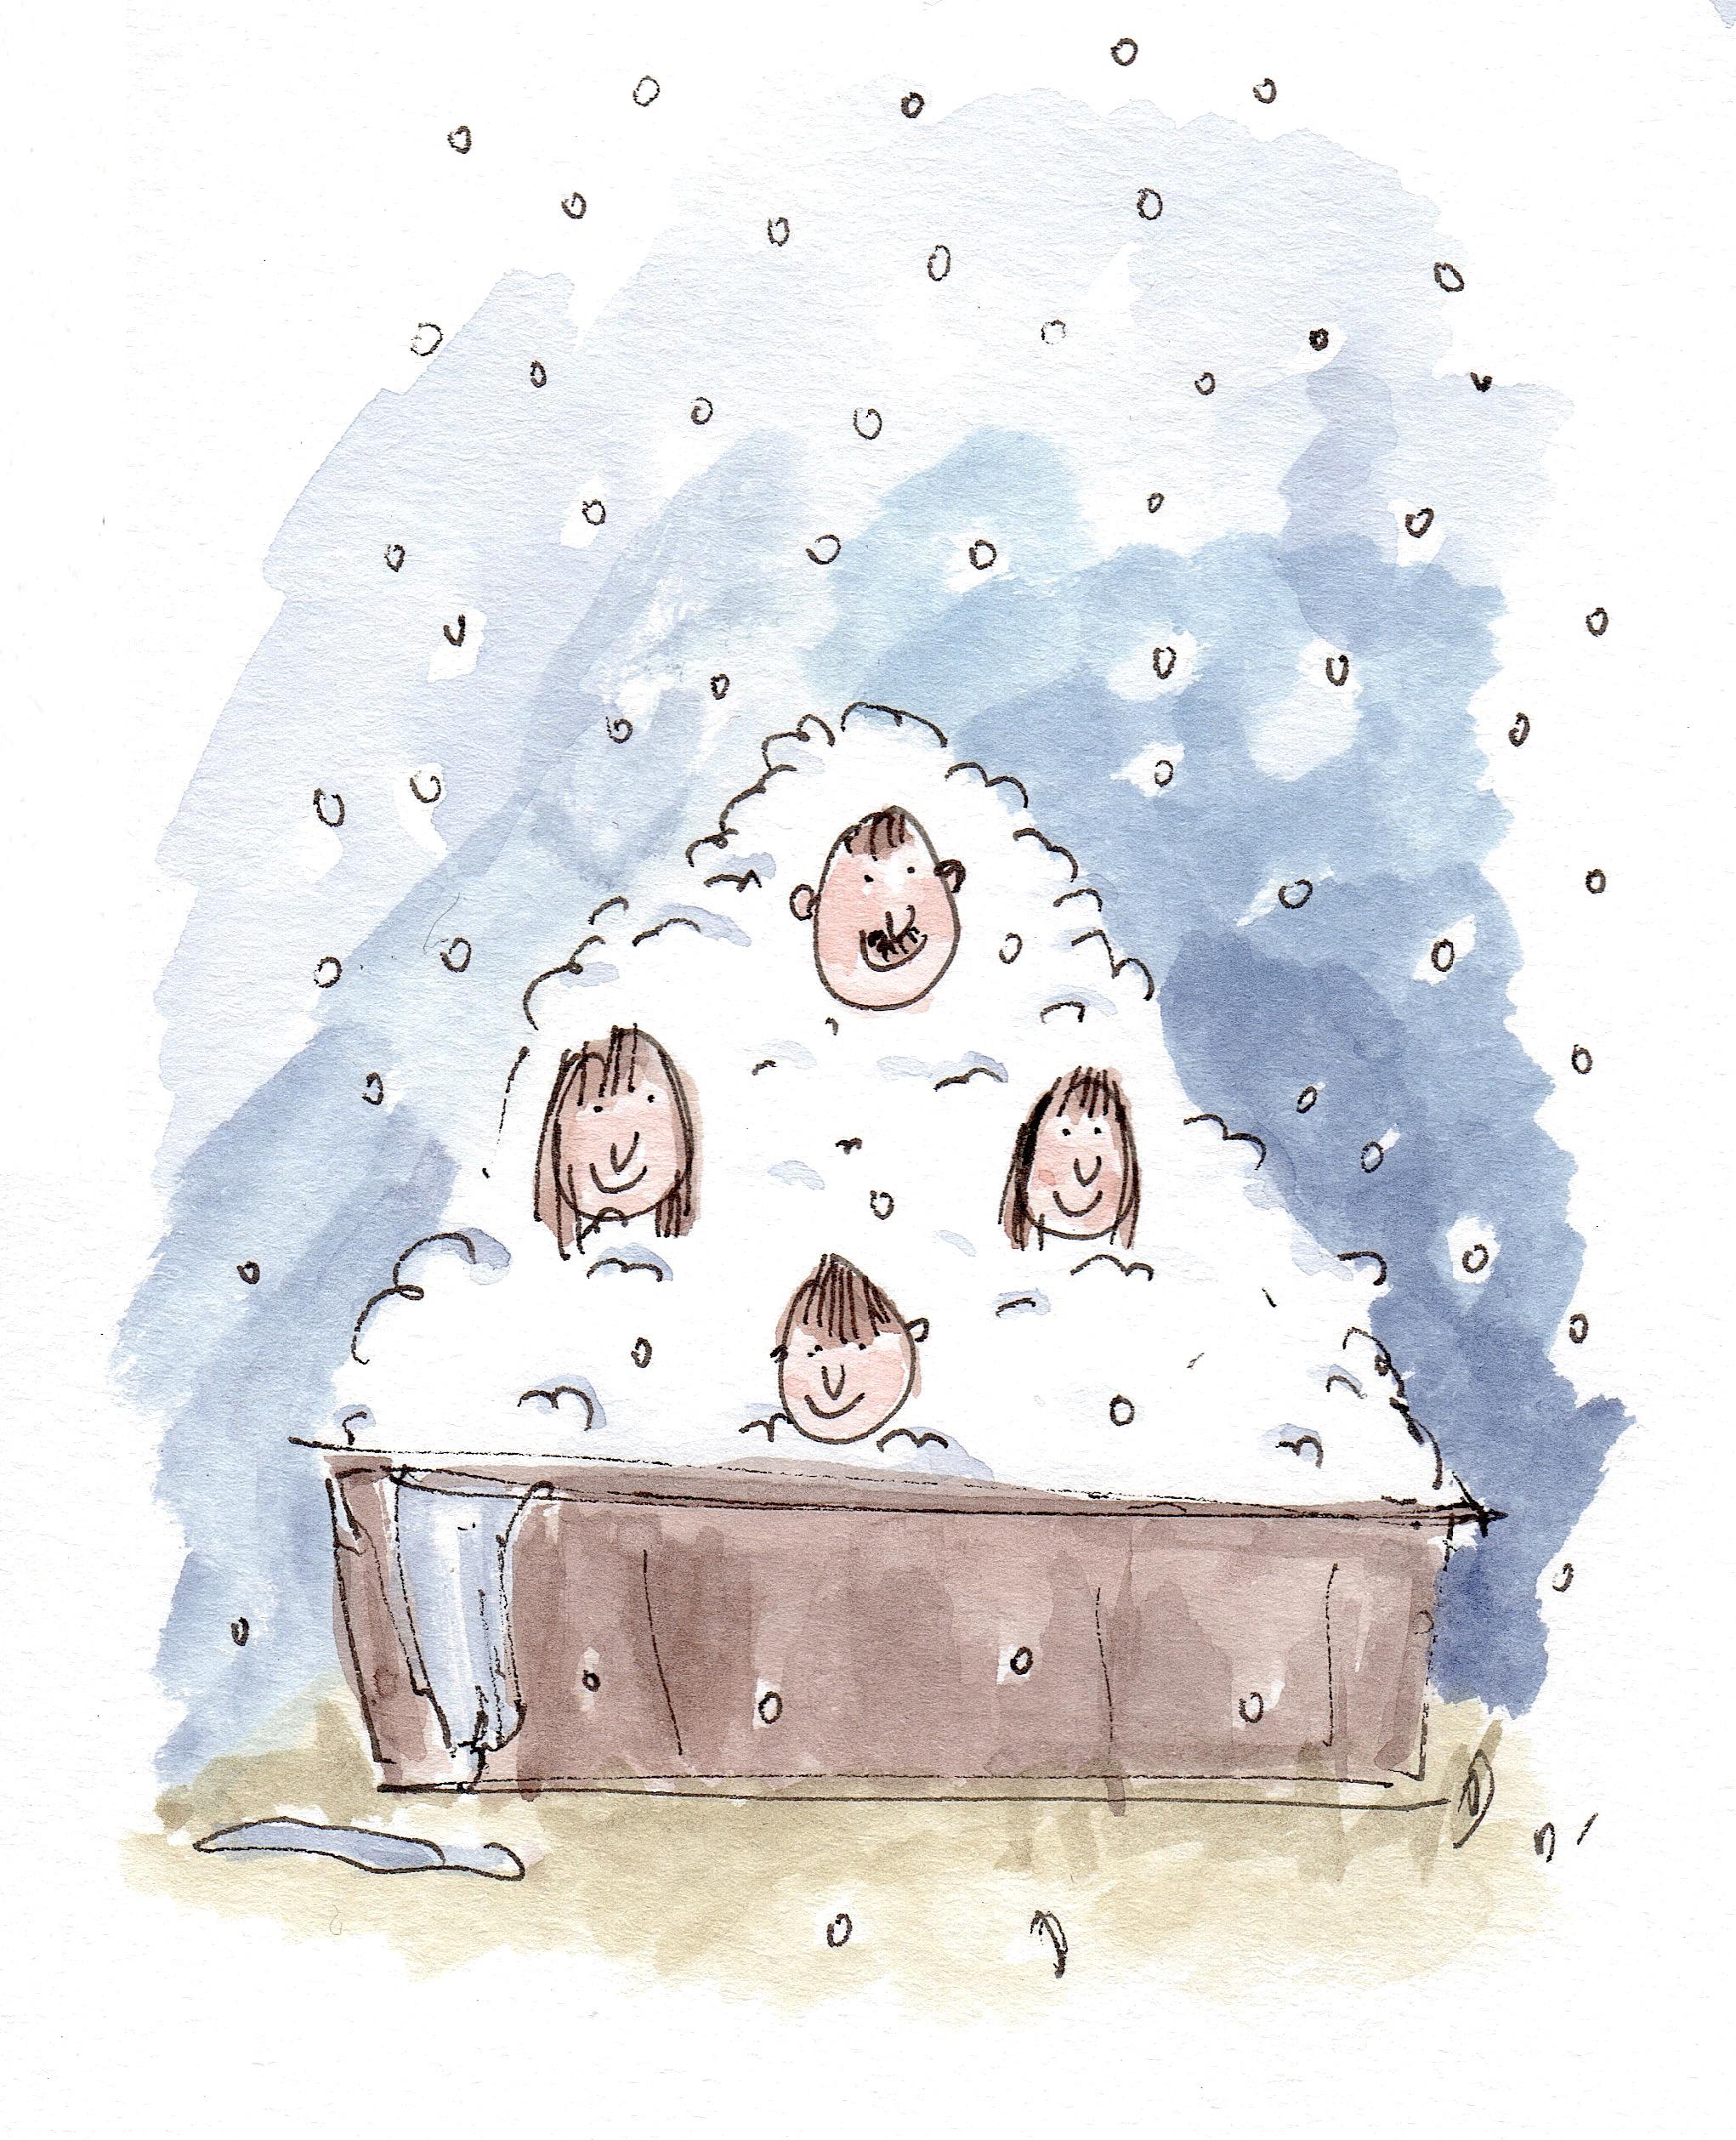 hottub family.jpg